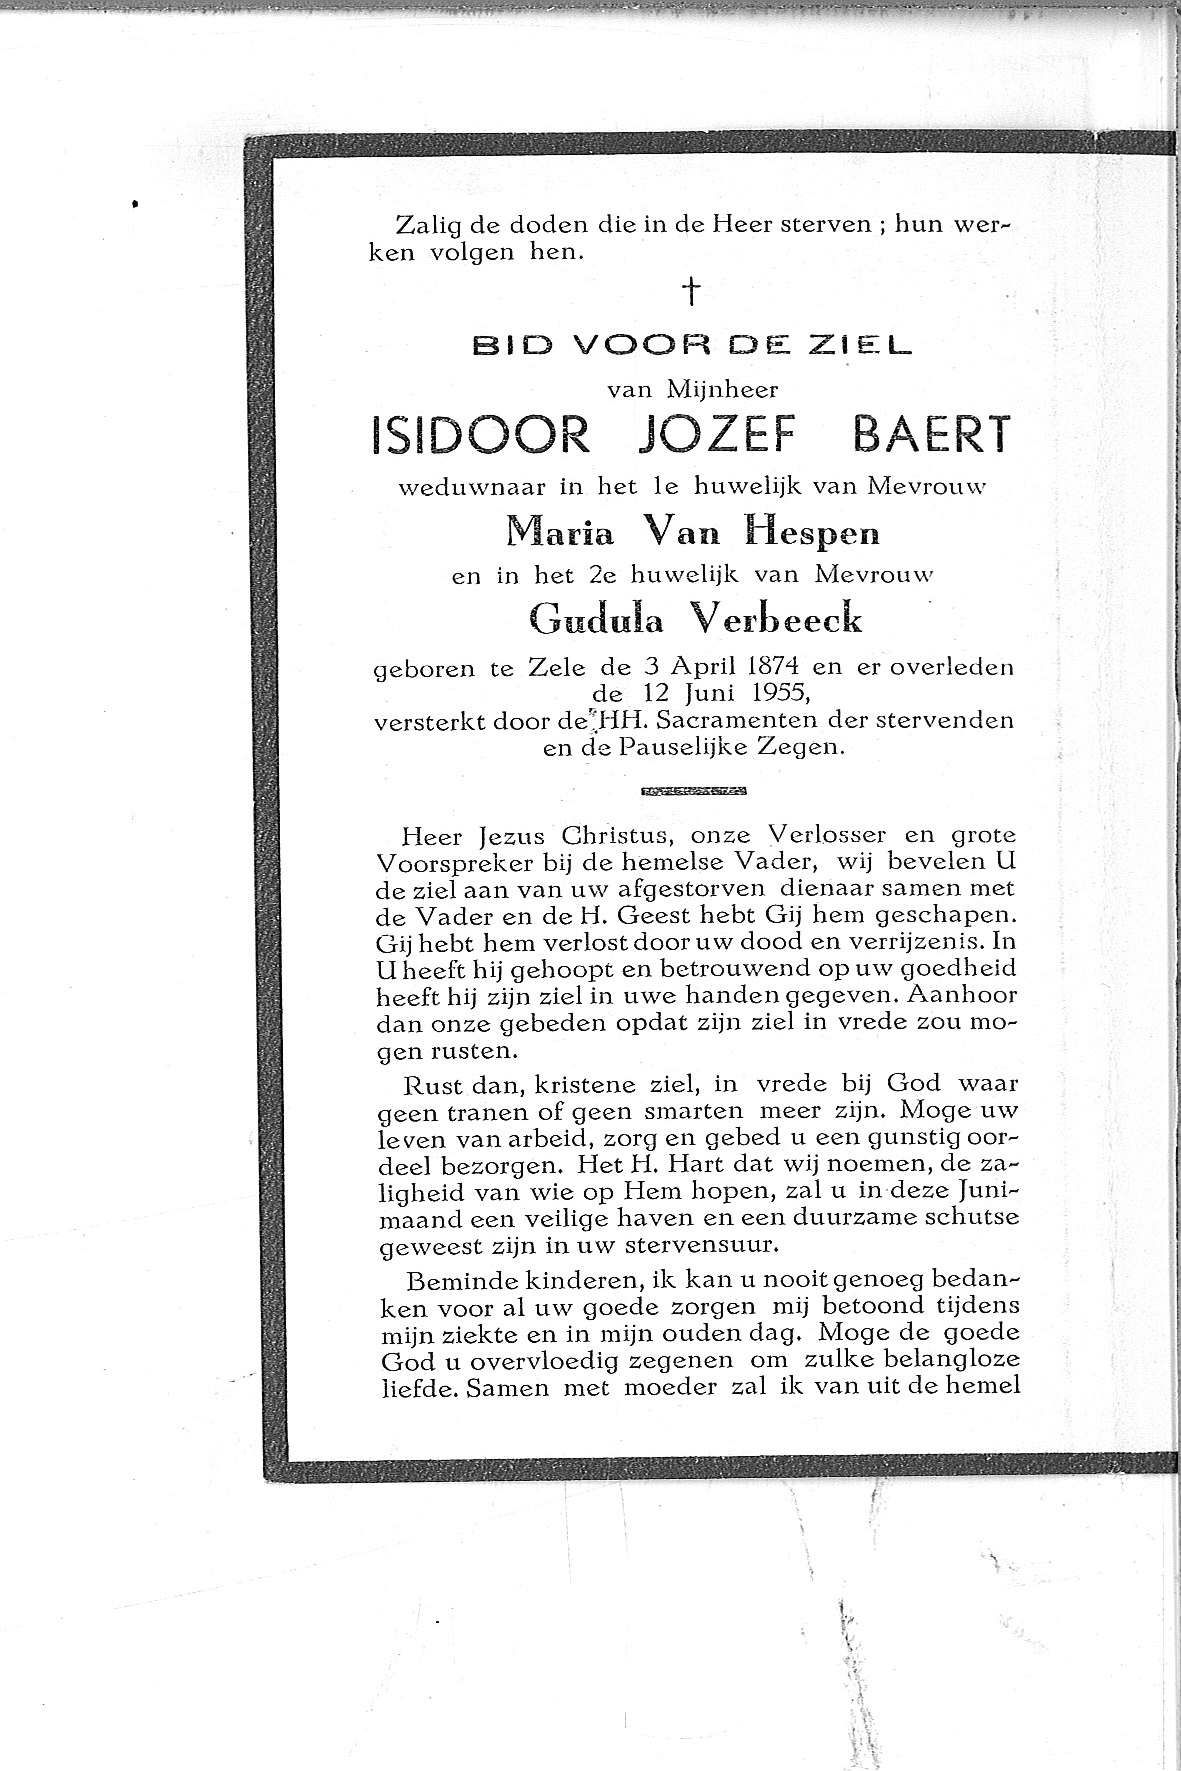 Isidoor-Jozef(1955)20130826134141_00064.jpg